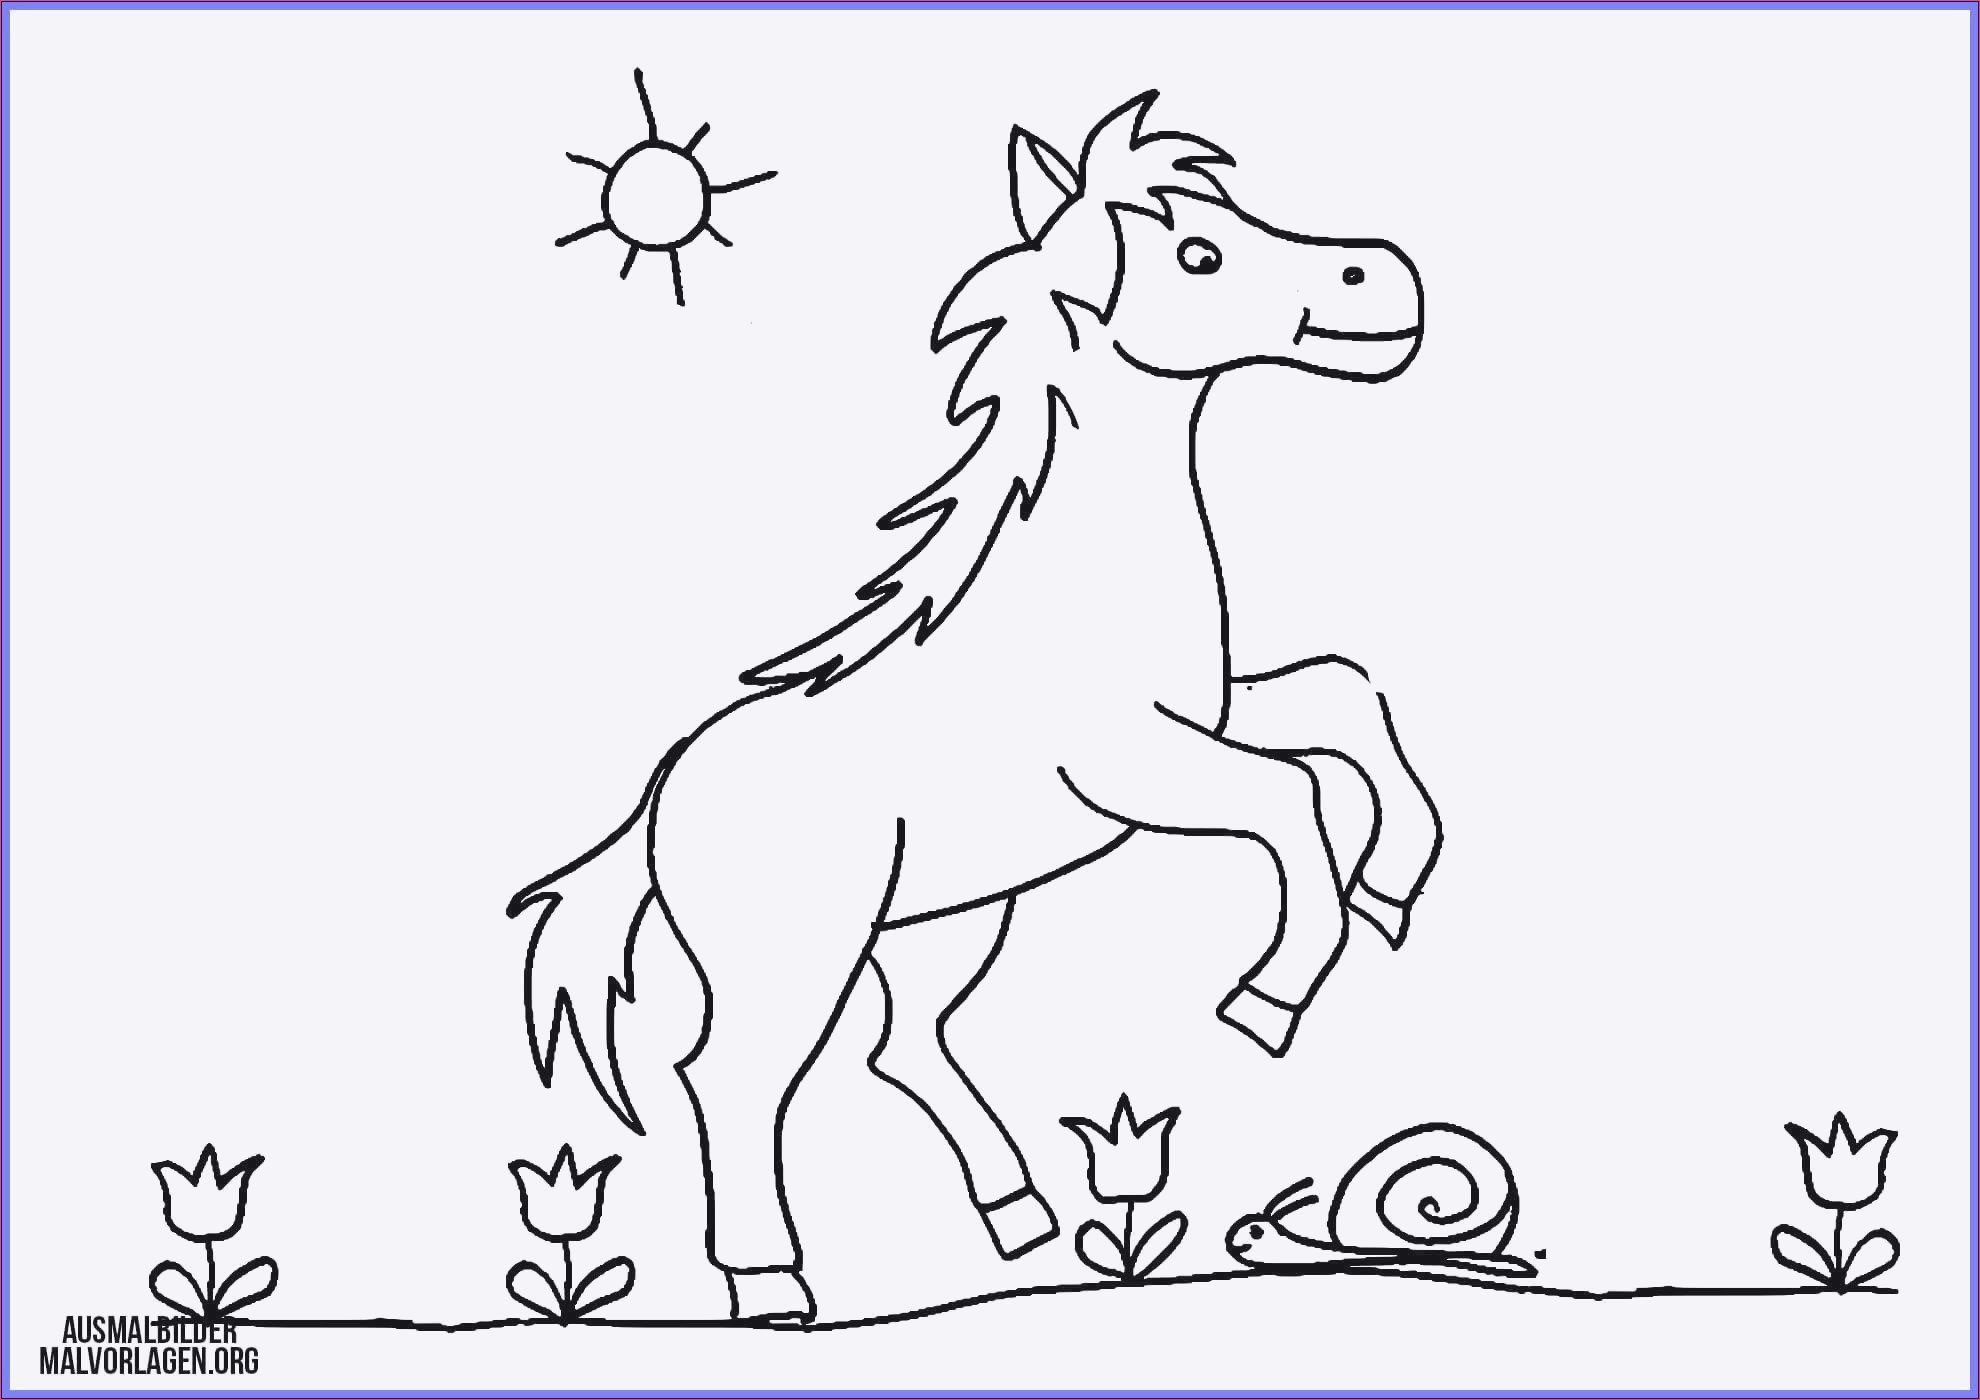 Ausmalbilder Pferde Mit Fohlen Frisch 38 Ausmalbilder Pferde Mit Fohlen Scoredatscore Luxus Kinder Fotografieren